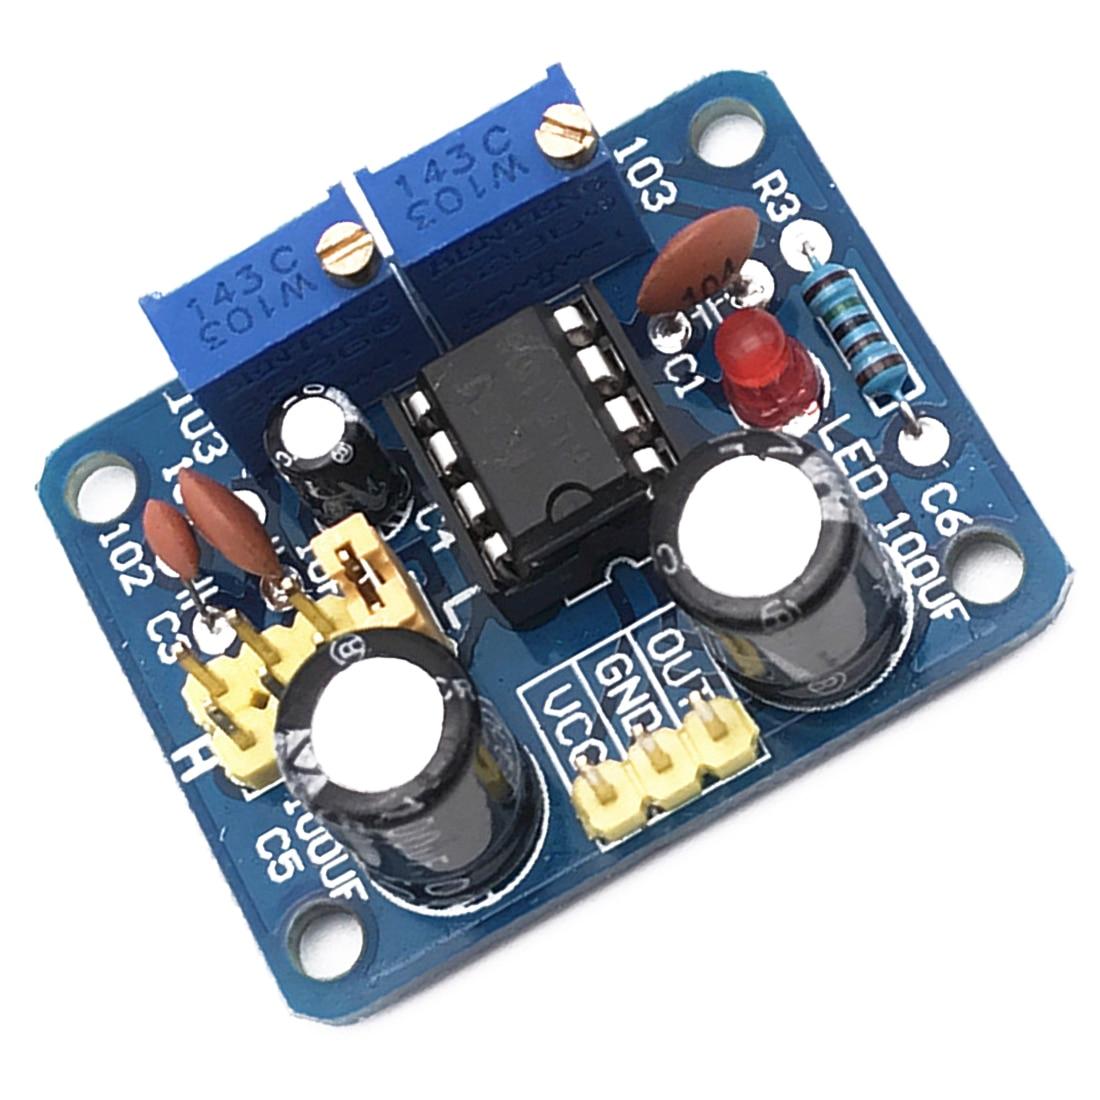 1 Stück Einstellbare Module Kit Oszillator Platz Welle Signal Generator Ne555 Puls Generator Puls Starter Duty Zyklus Und Frequenz Schnelle Farbe